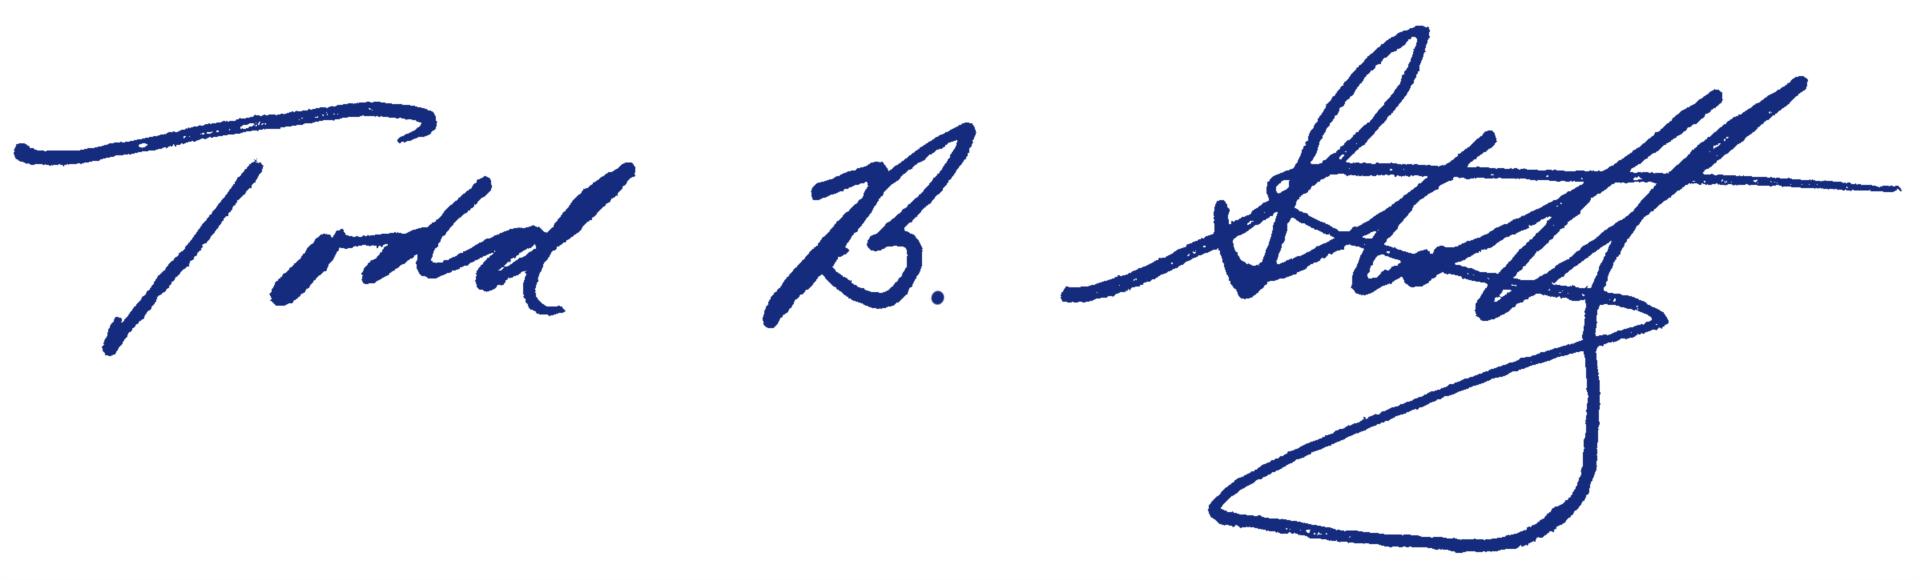 stoltz signature